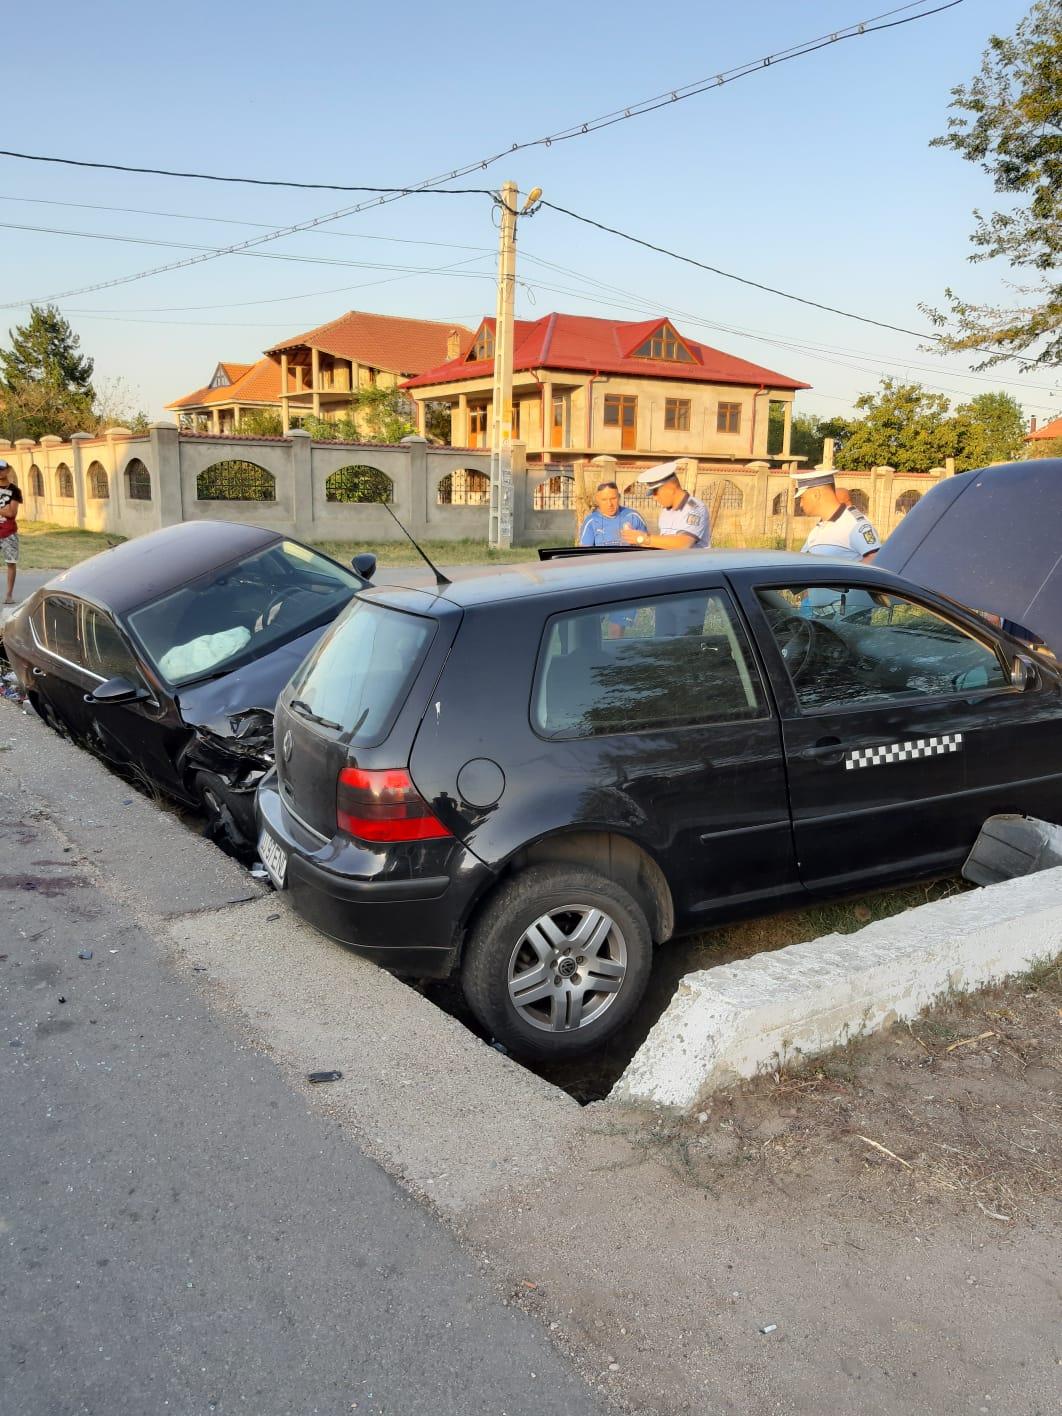 Accident rutier sâmbătă seara în comuna Cerăt din județul Dolj. Două autotusrime au ajuns în șanț, iar unul dintre șoferi a avut nevoie de îngrijiri medicale.